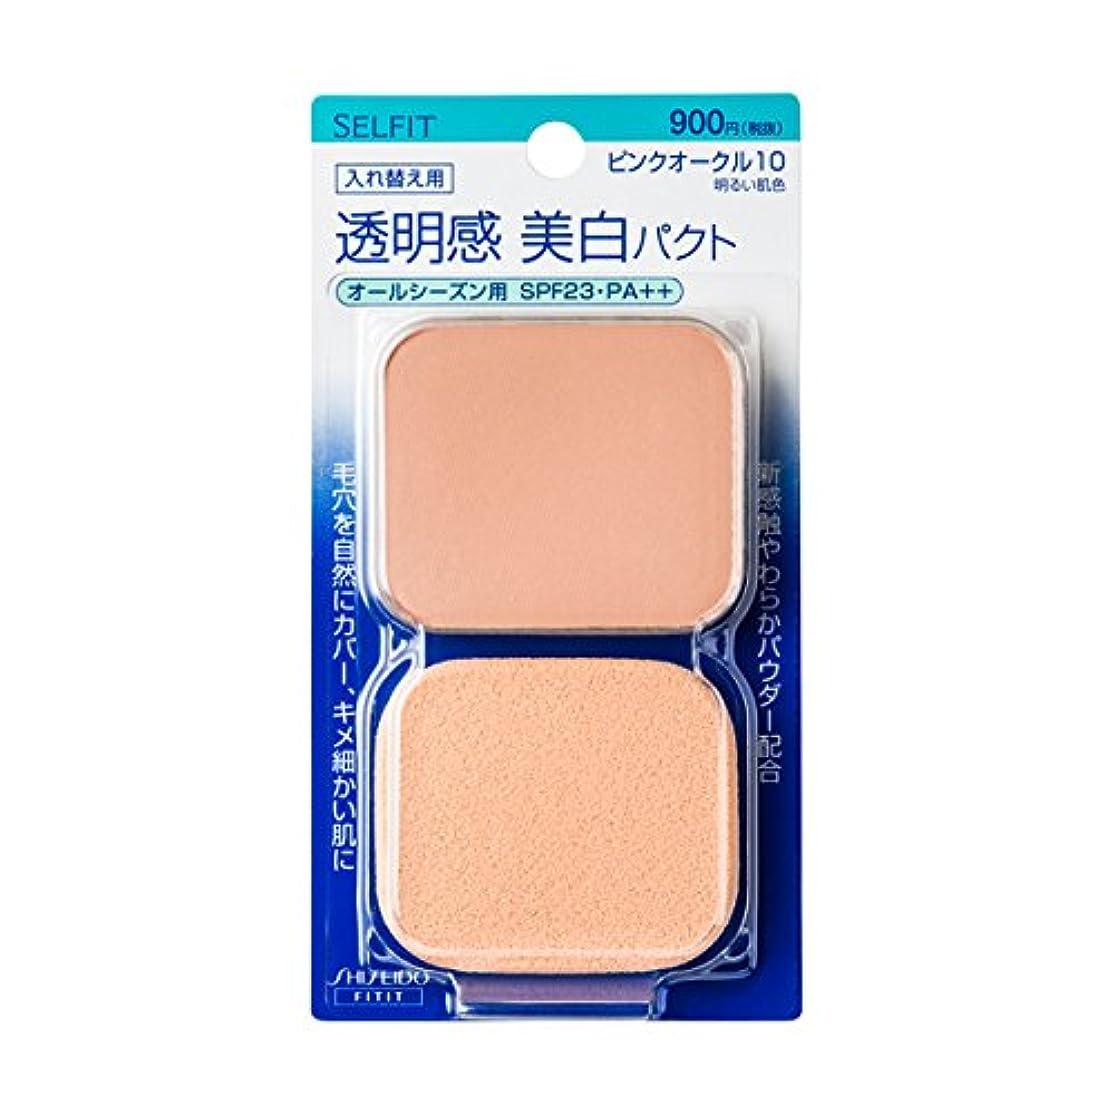 対抗醜いズームセルフィット ピュアホワイトファンデーション ピンクオークル10 (レフィル) 13g